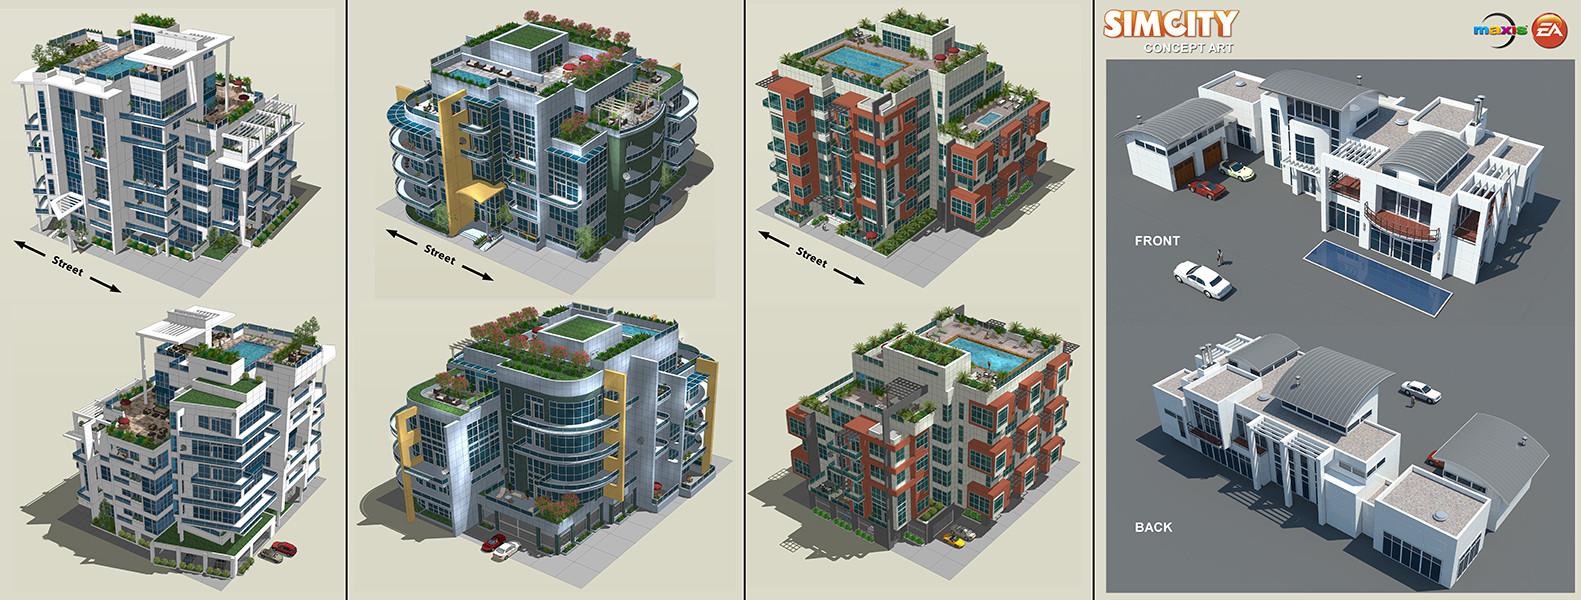 Ken Nguyen - Simcity - Architecture Concepts 02